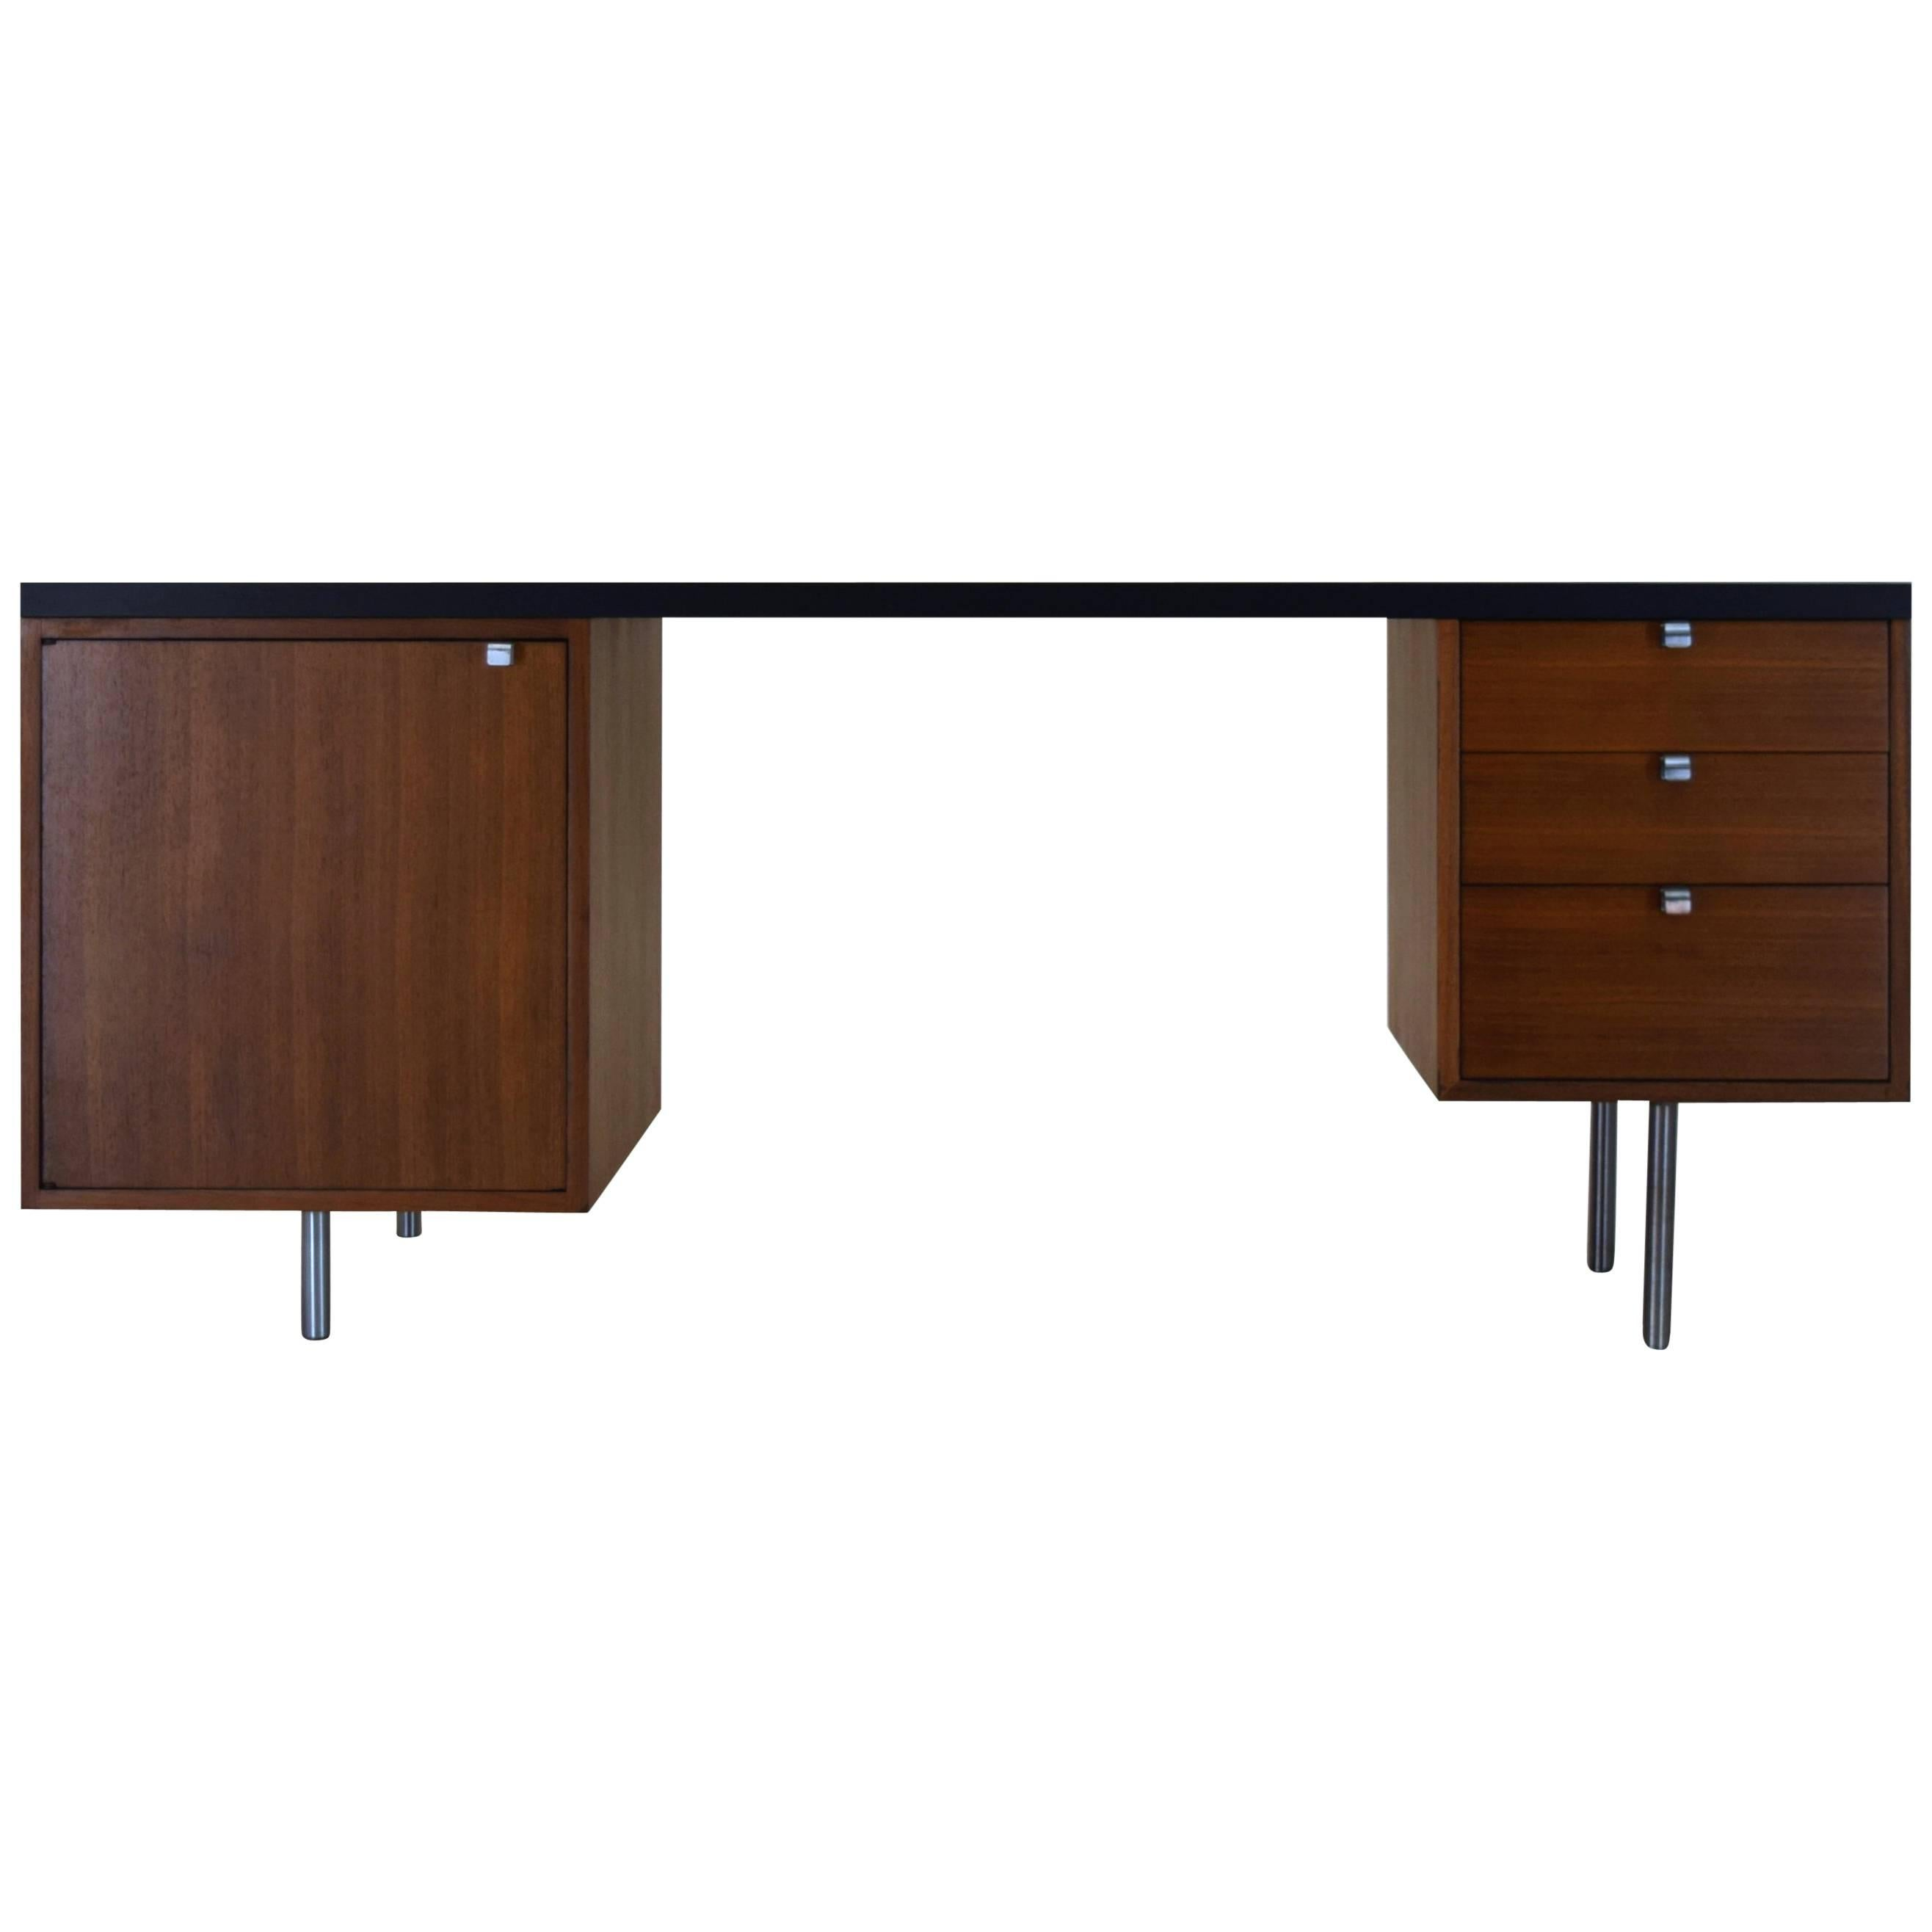 Custom Executive Desk George Nelson Associates For Herman Miller